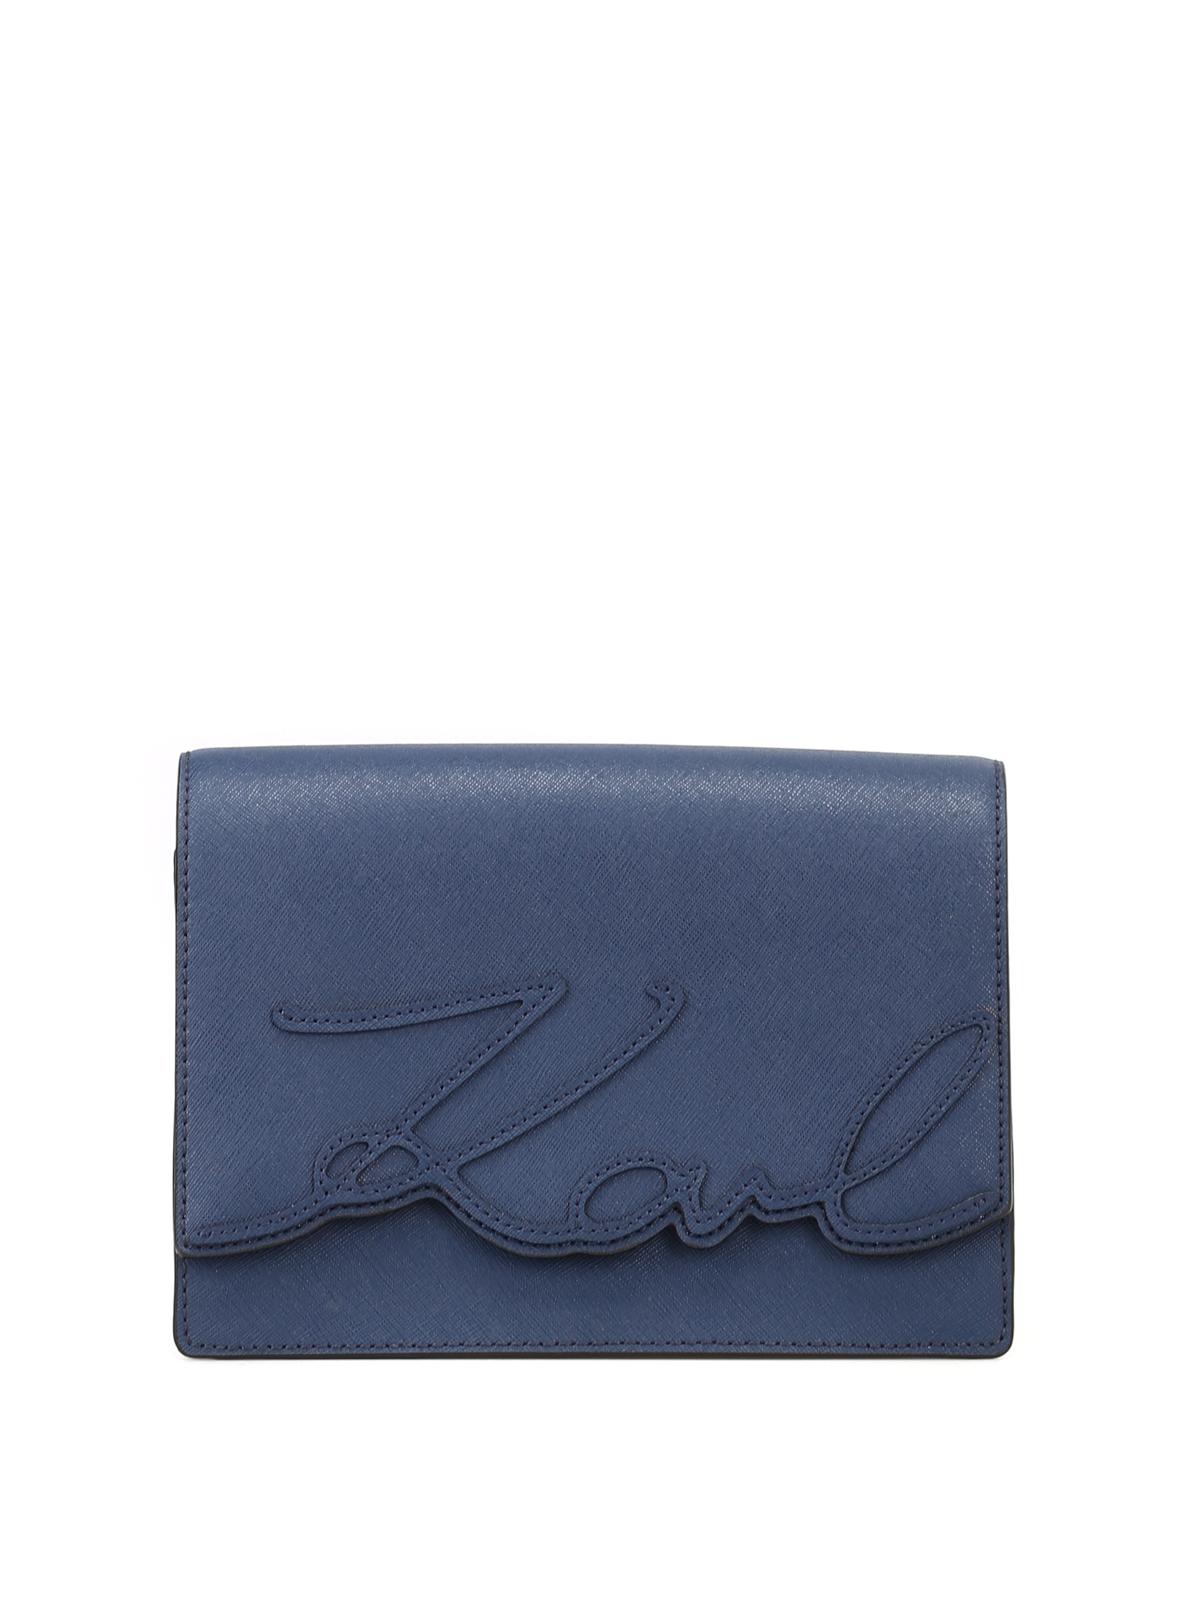 Prix Pas Cher Marchand Karl Signature Lagerfeld Saffiano Bleu Crossbody Vente De L'arrivée Pas Cher Nice Prix Pas Cher Prix Bas WPlNE